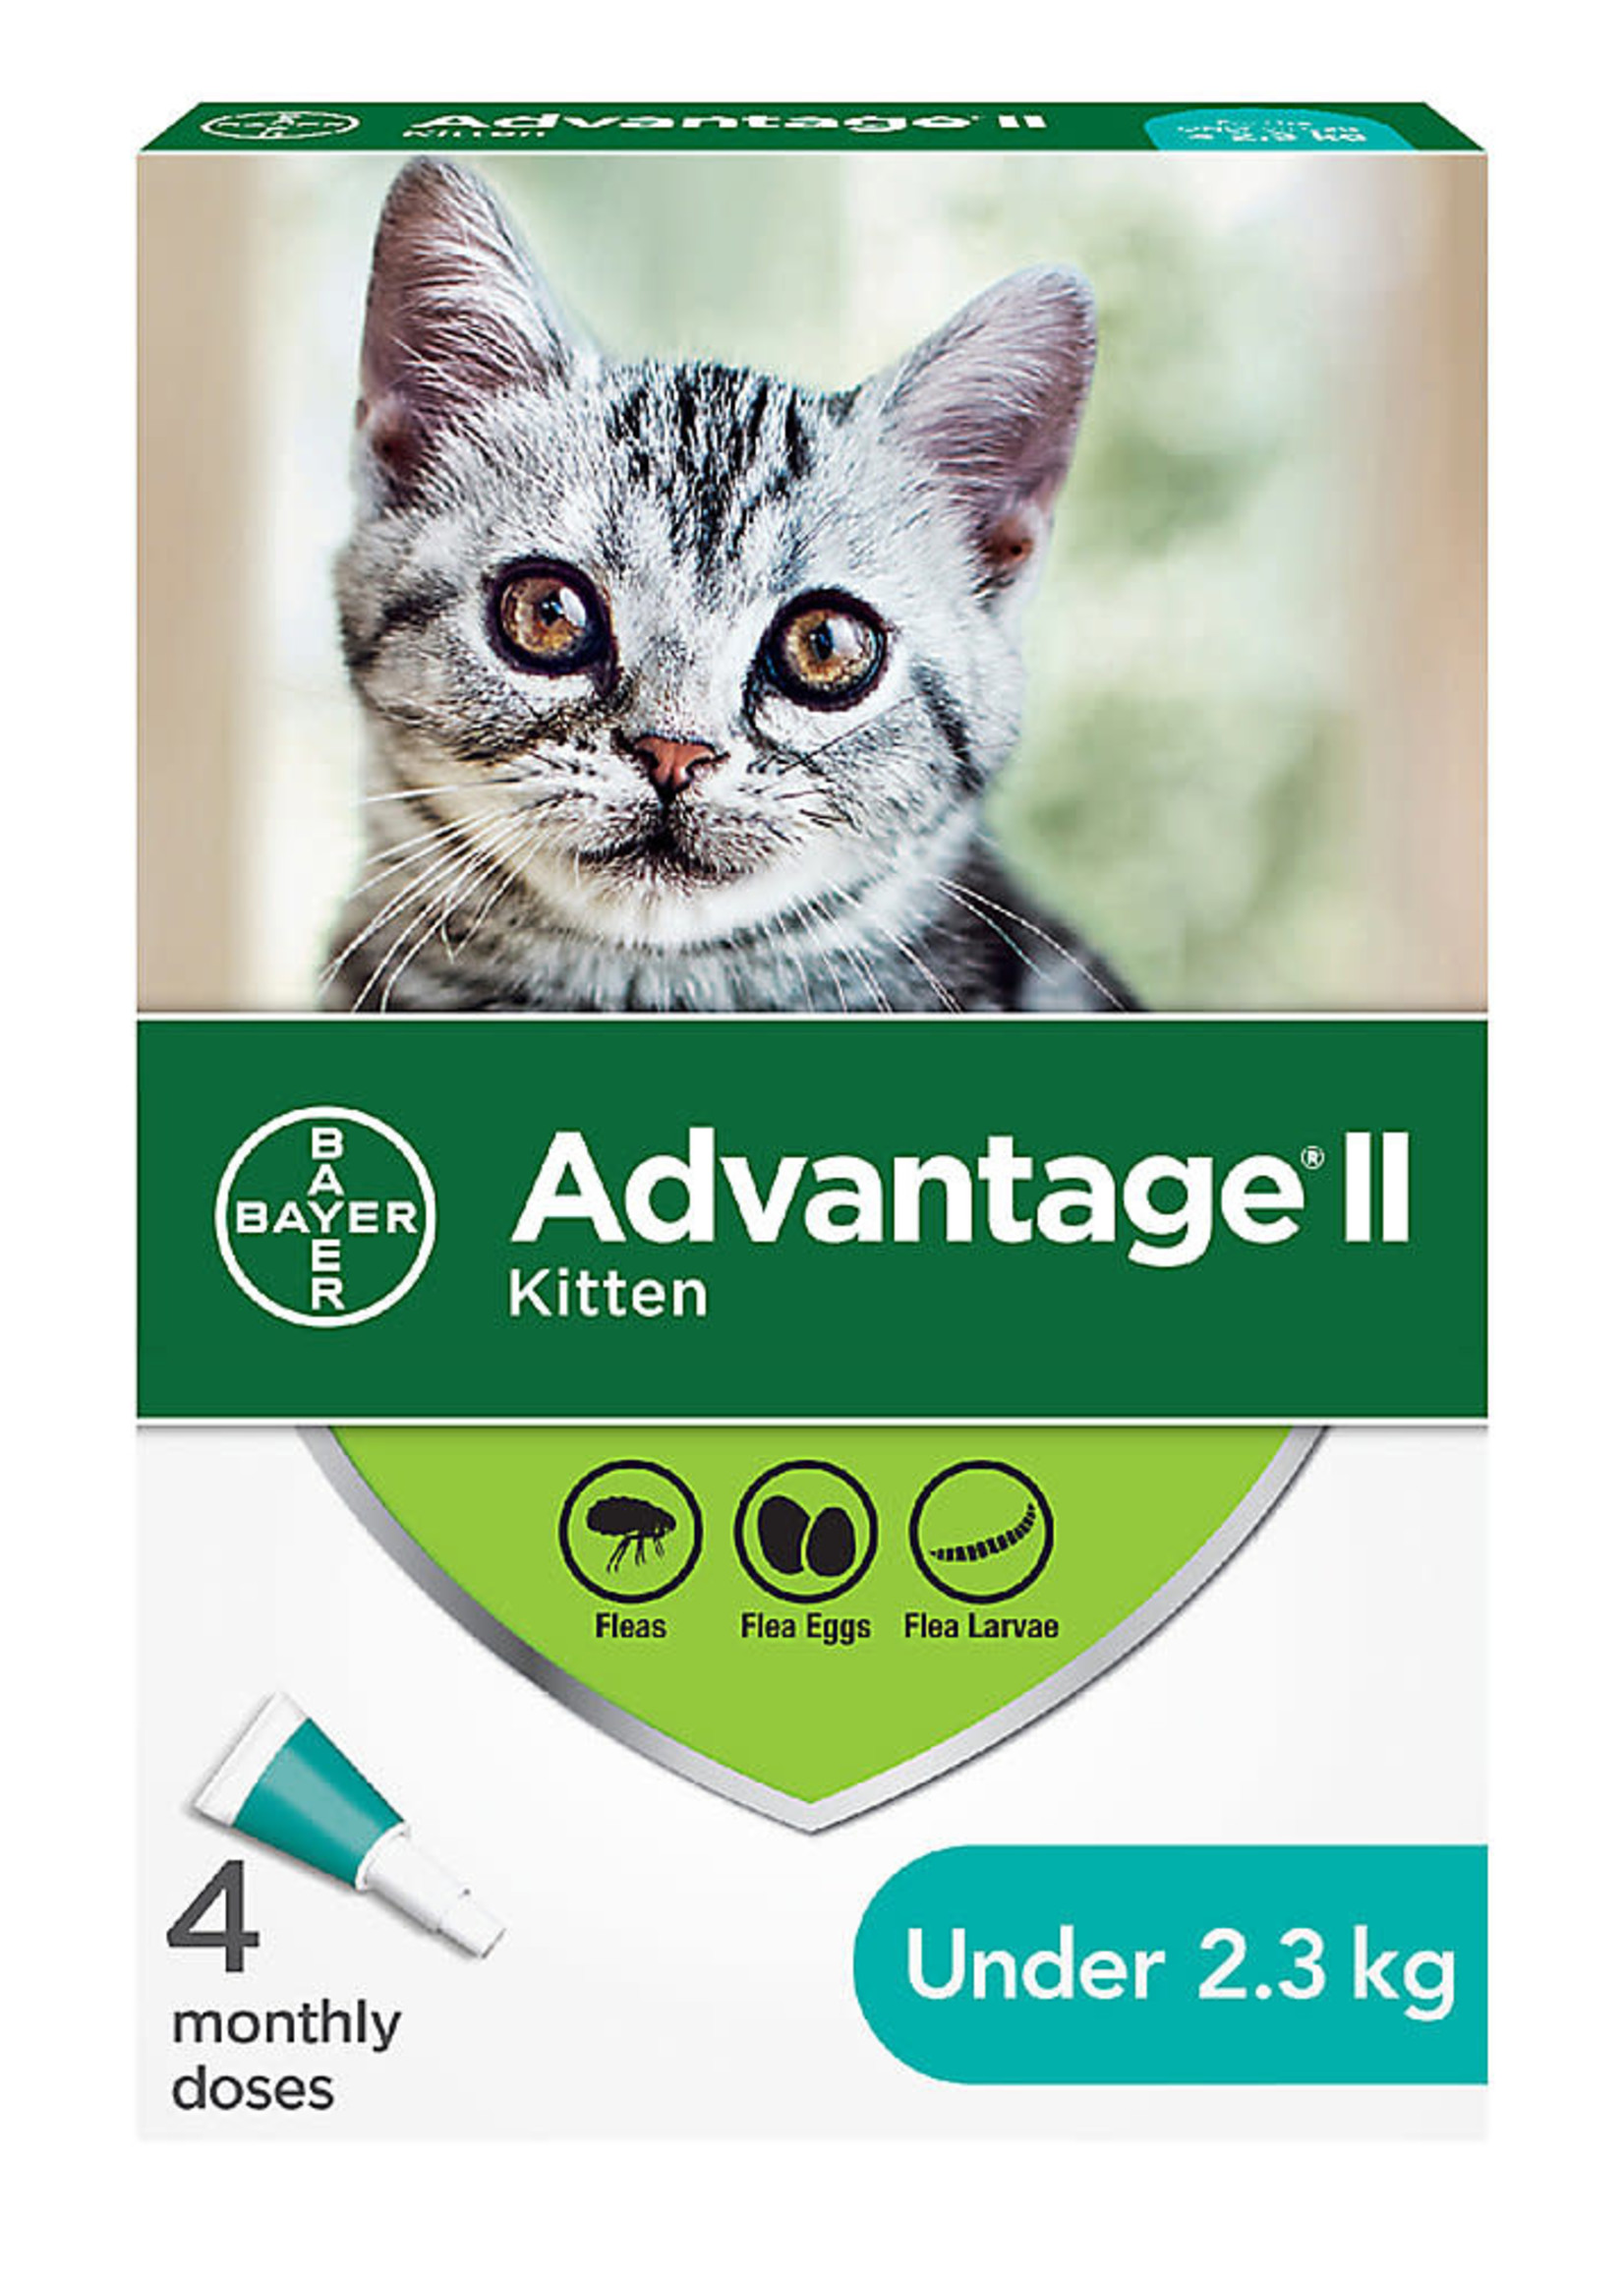 Bayer Bayer Advantage® II - Kitten